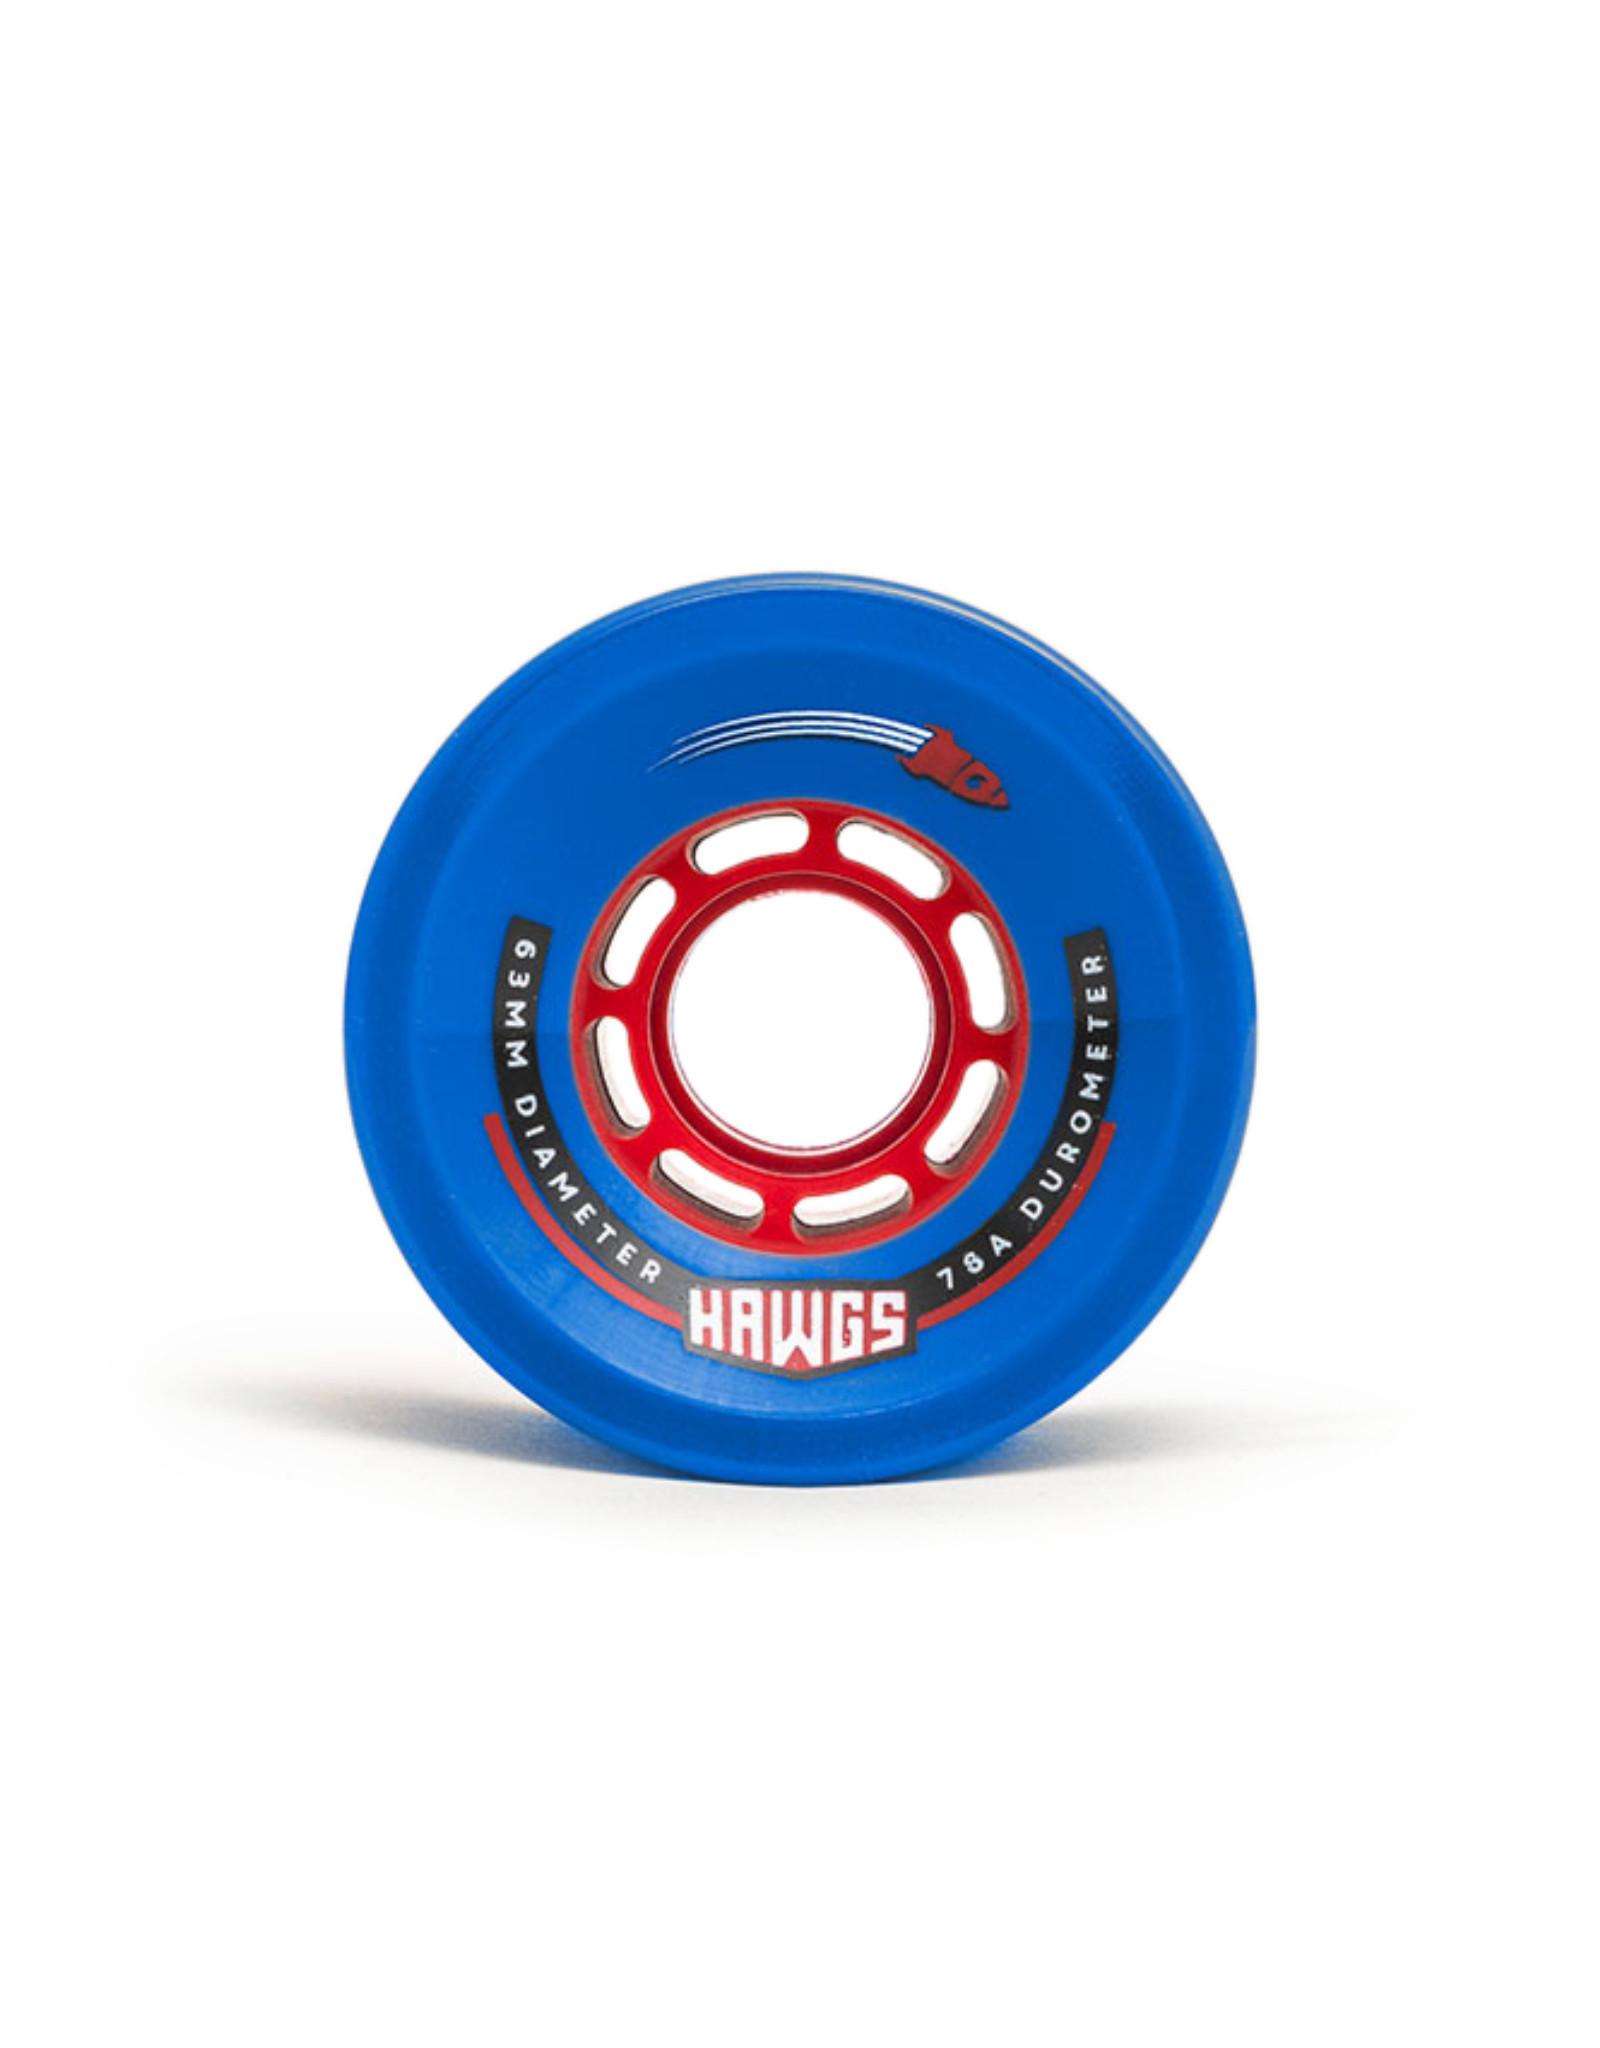 Hawgs Wheels Hawgs Rocket Wheels 63 mm 78A Blue Set of 4